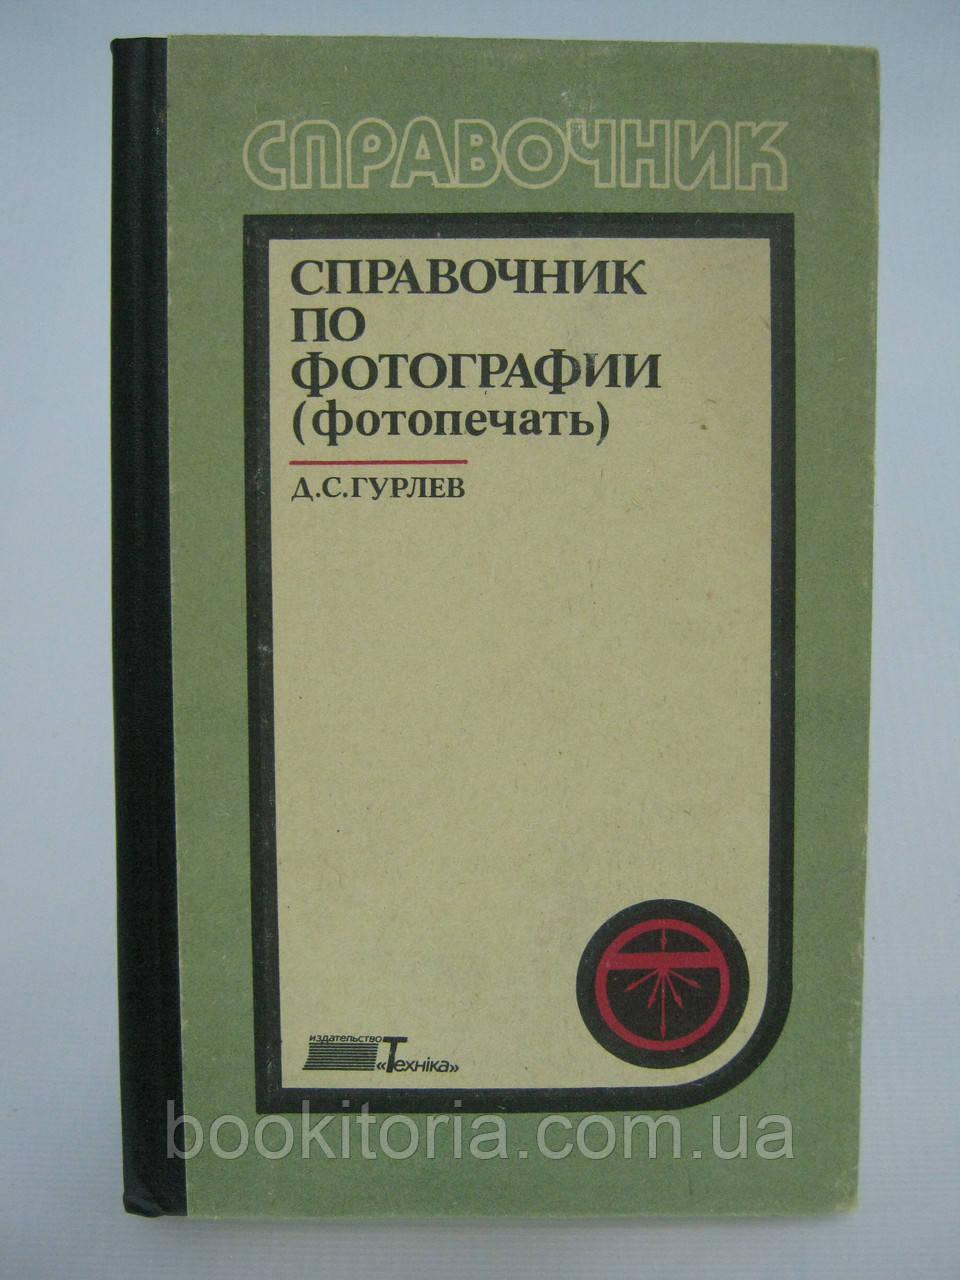 Гурлев Д.С. Справочник по фотографии (фотопечать) (б/у).